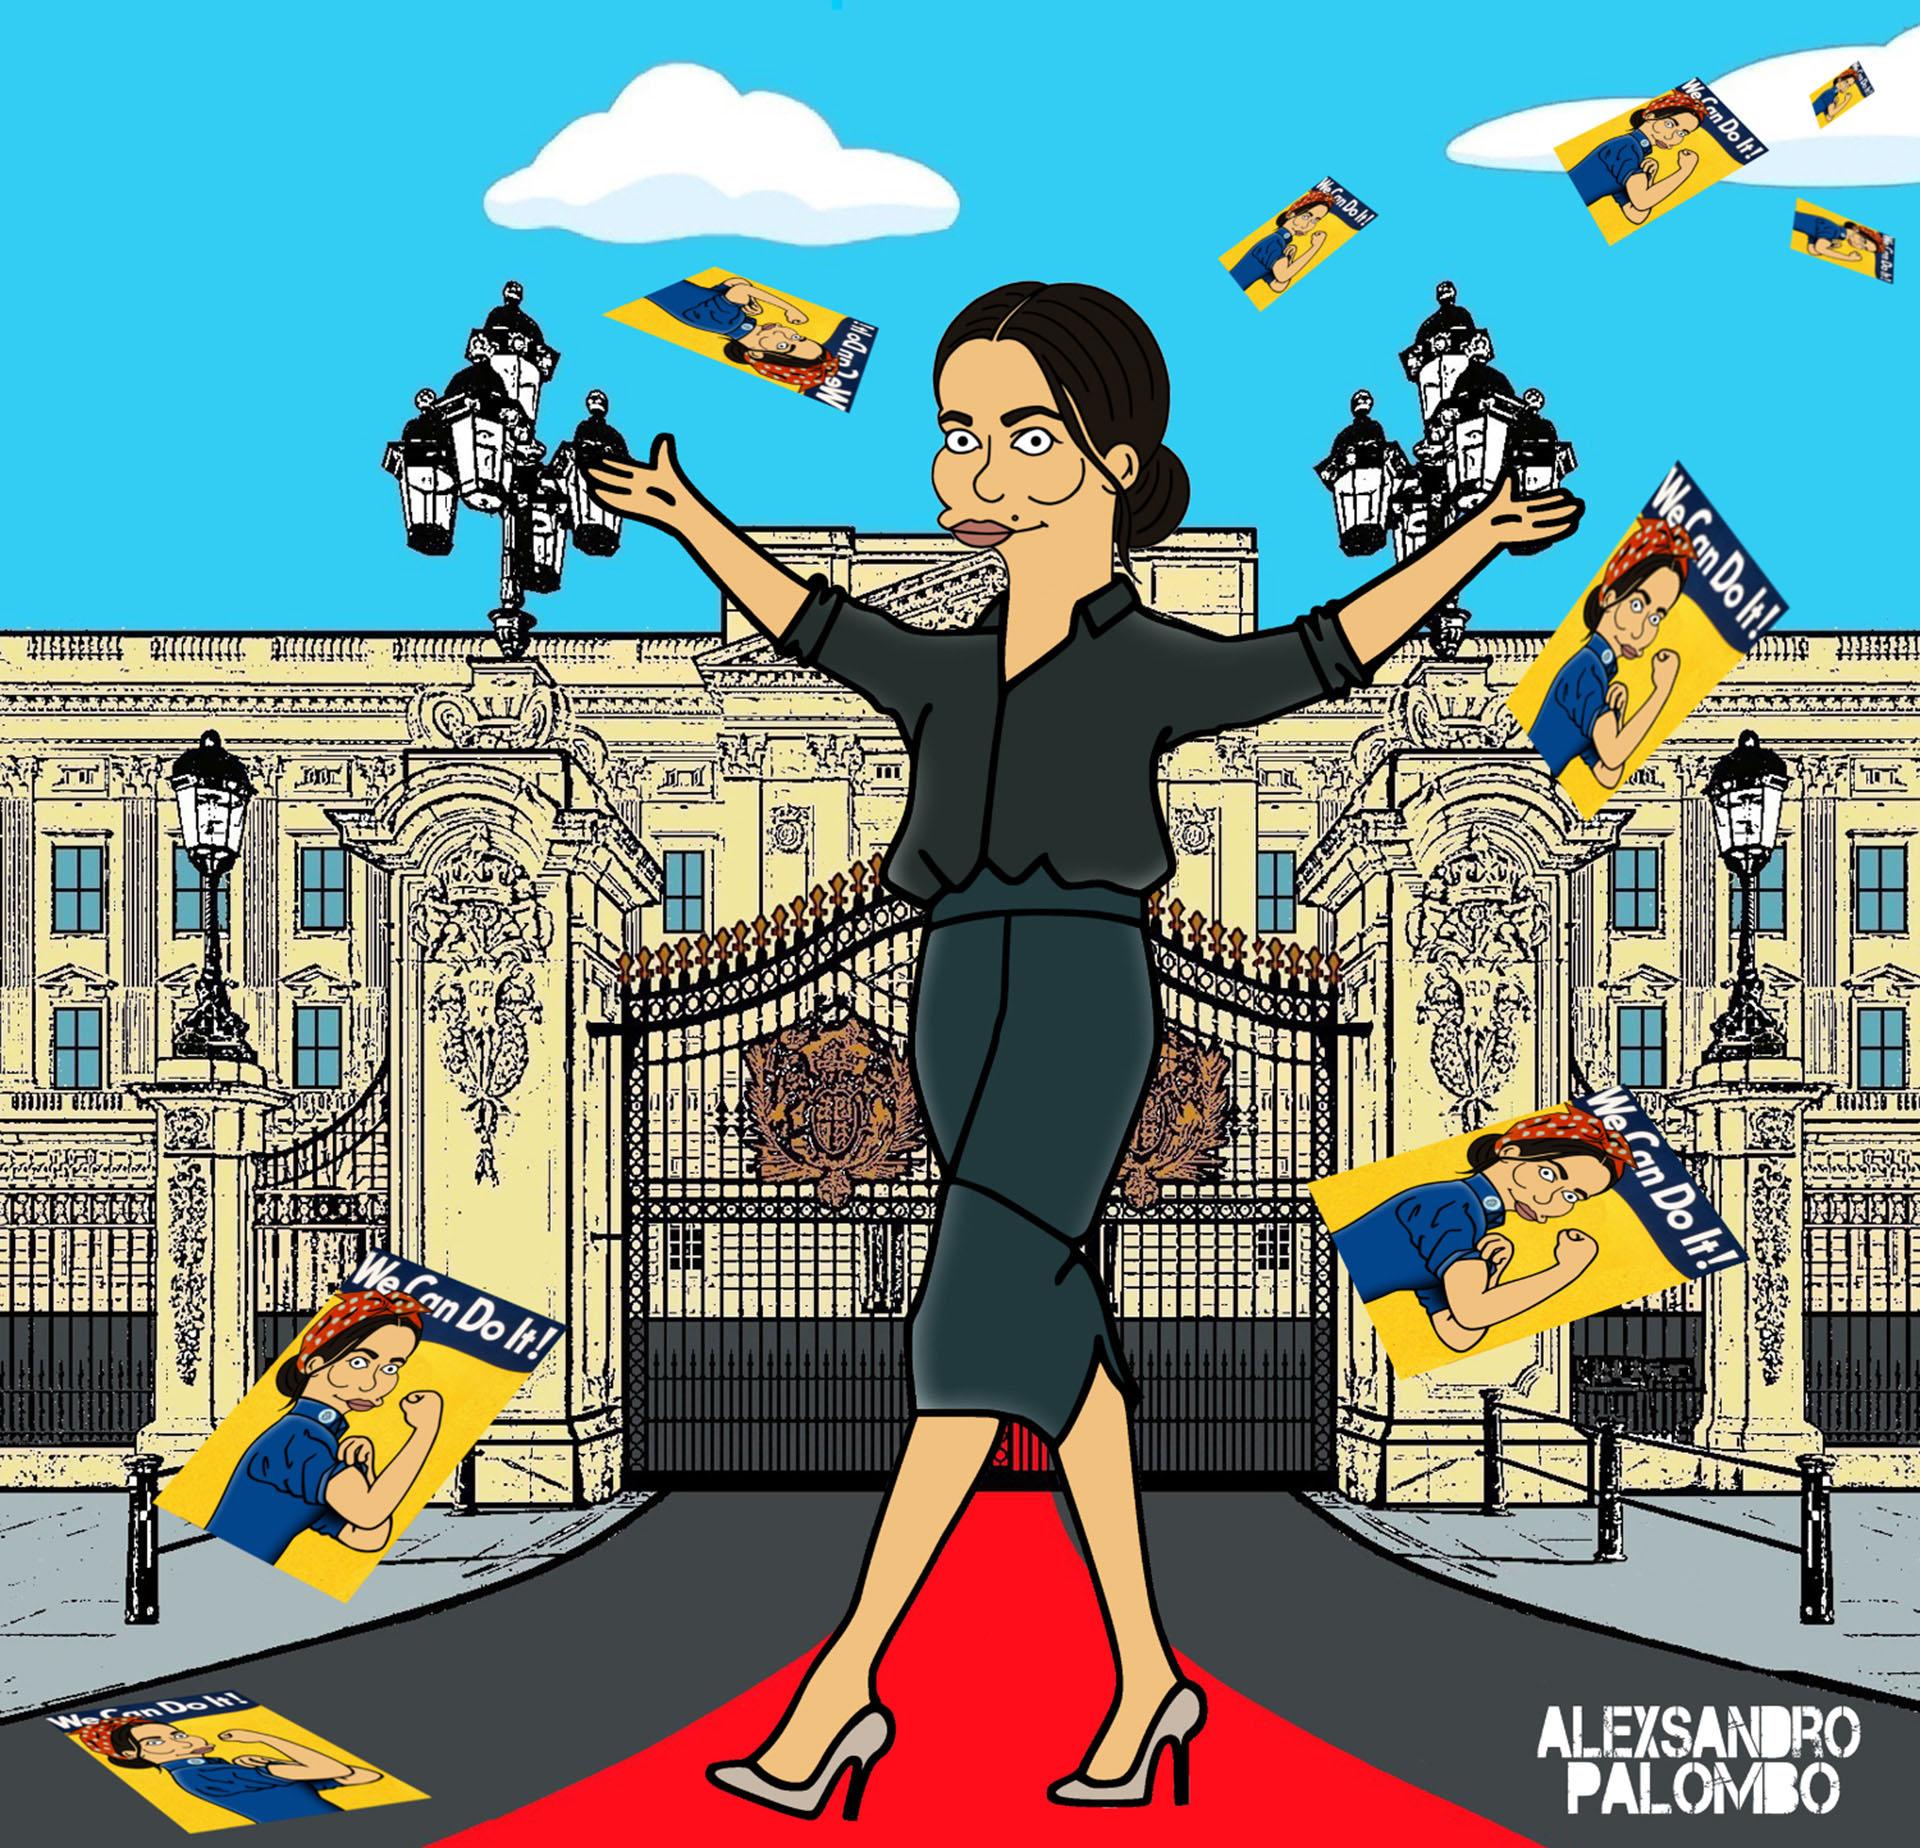 """""""Necesitamos a muchas Meghan Markle en nuestro mundo: una mujer fuerte y decidida, capaz de imponer sus ideales y hacer que se escuche su voz. Todavía tenemos que hacer mucho con respecto a la igualdad de género, es por eso que las mujeres como Meghan son importantes"""", fundamentó Palombo"""